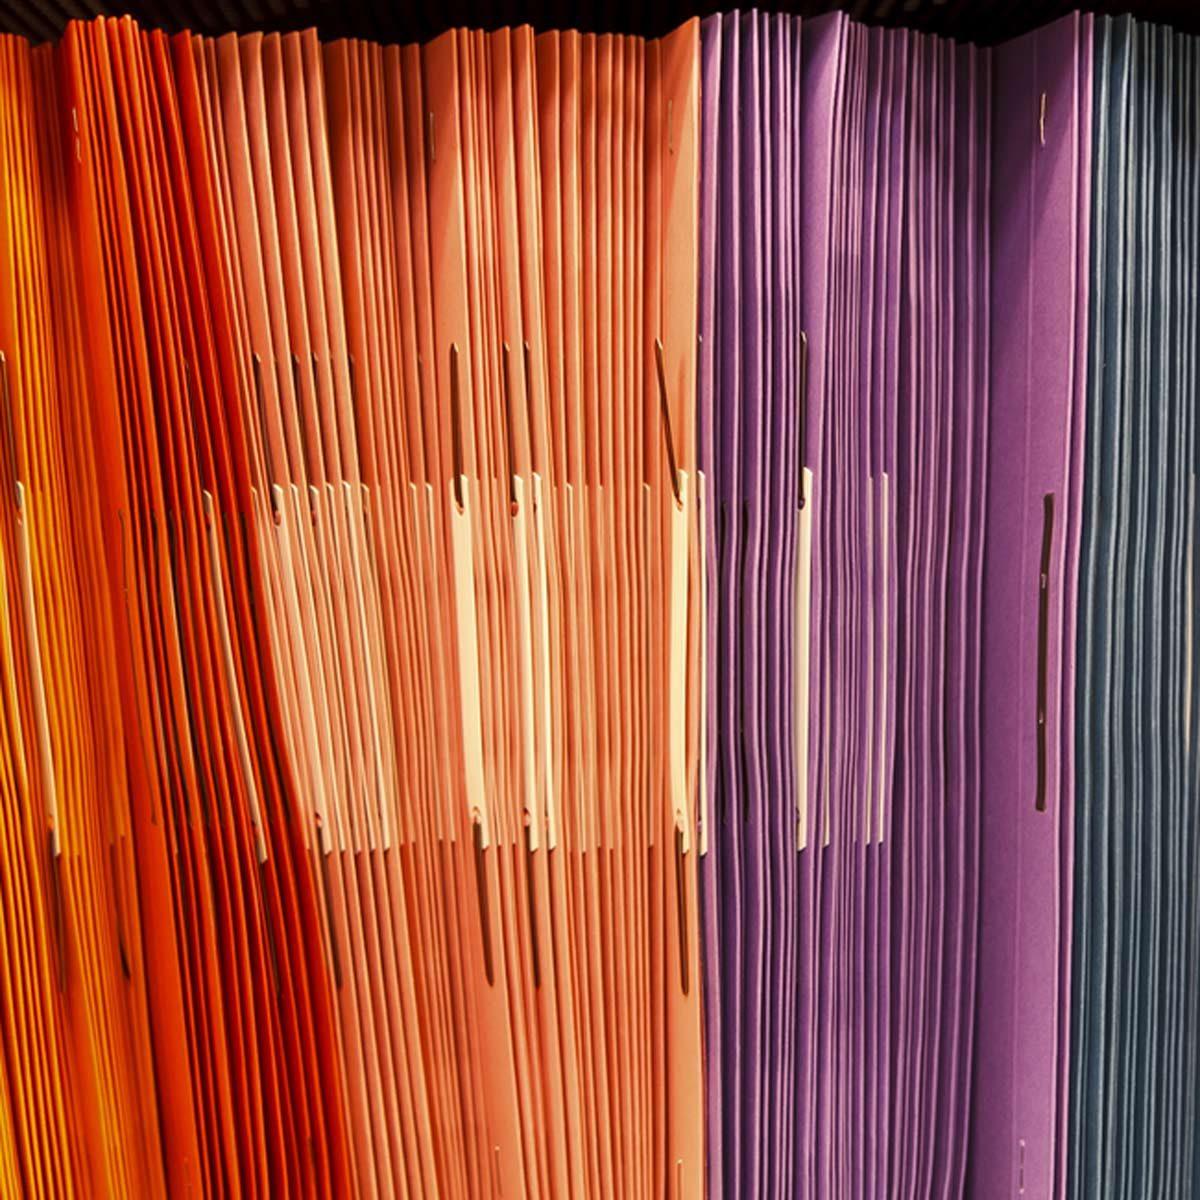 color code organization file folders